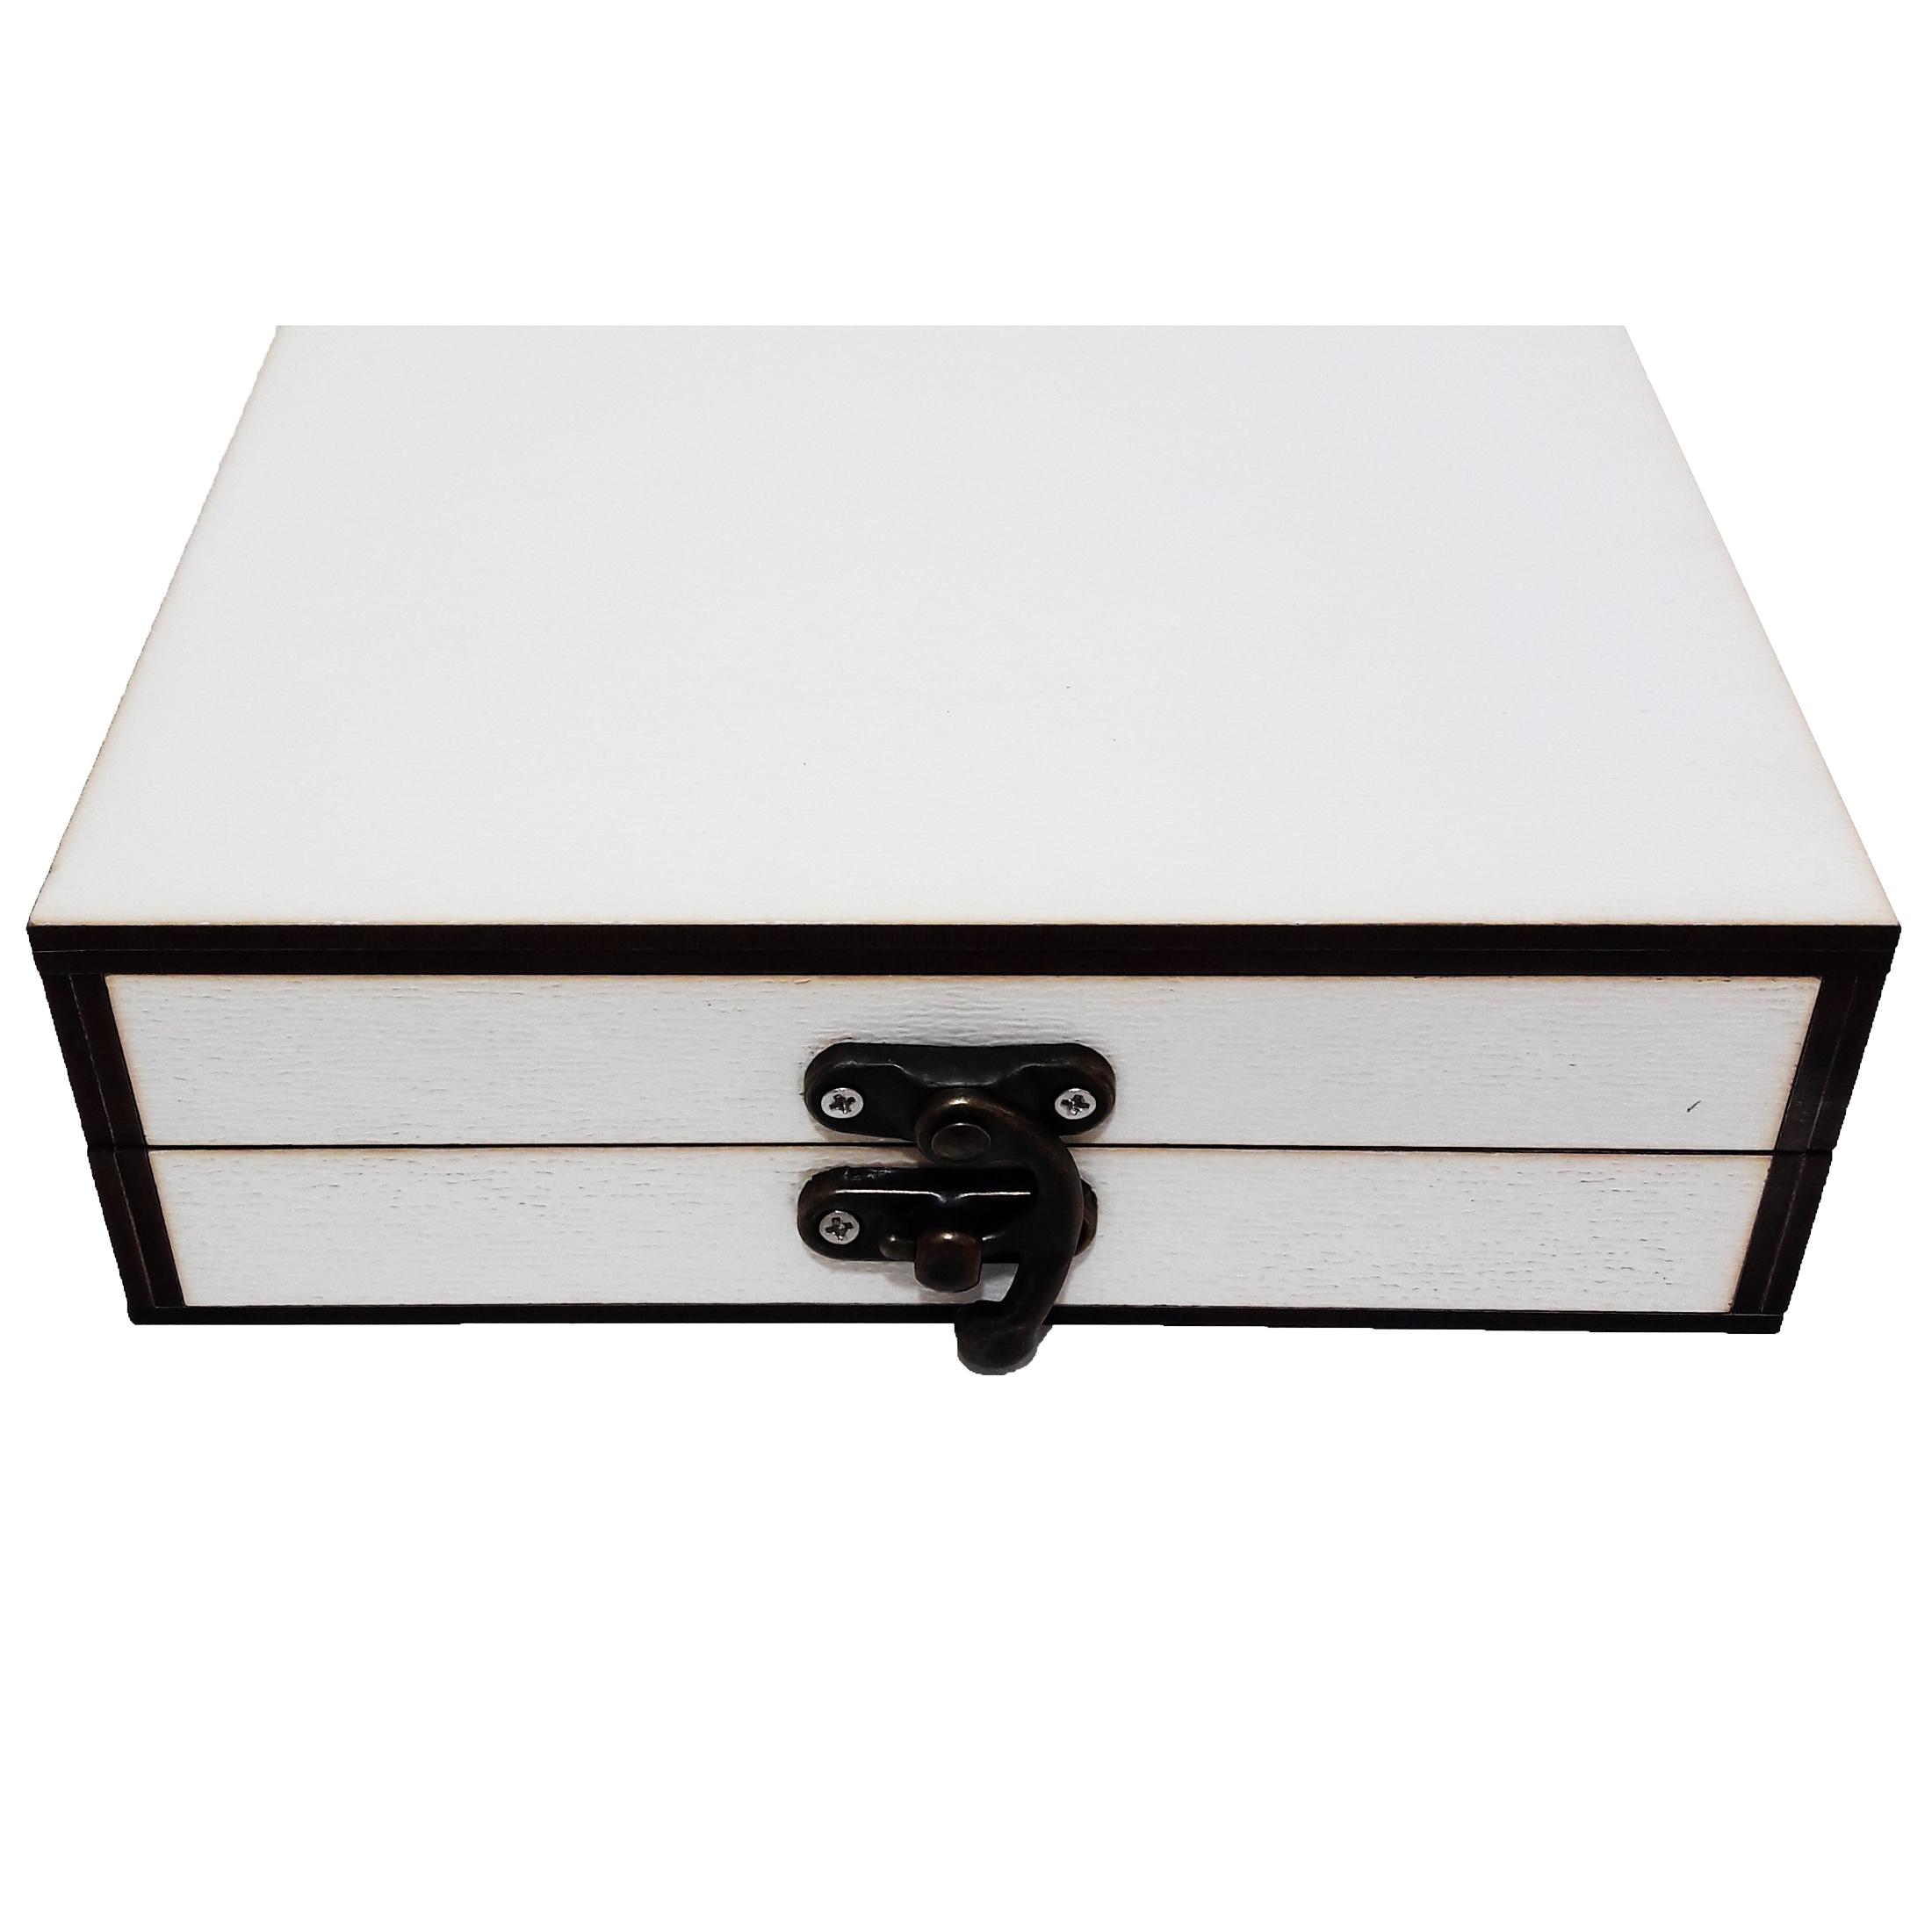 جعبه هدیه چوبی کادو آیهان باکس مدل 53